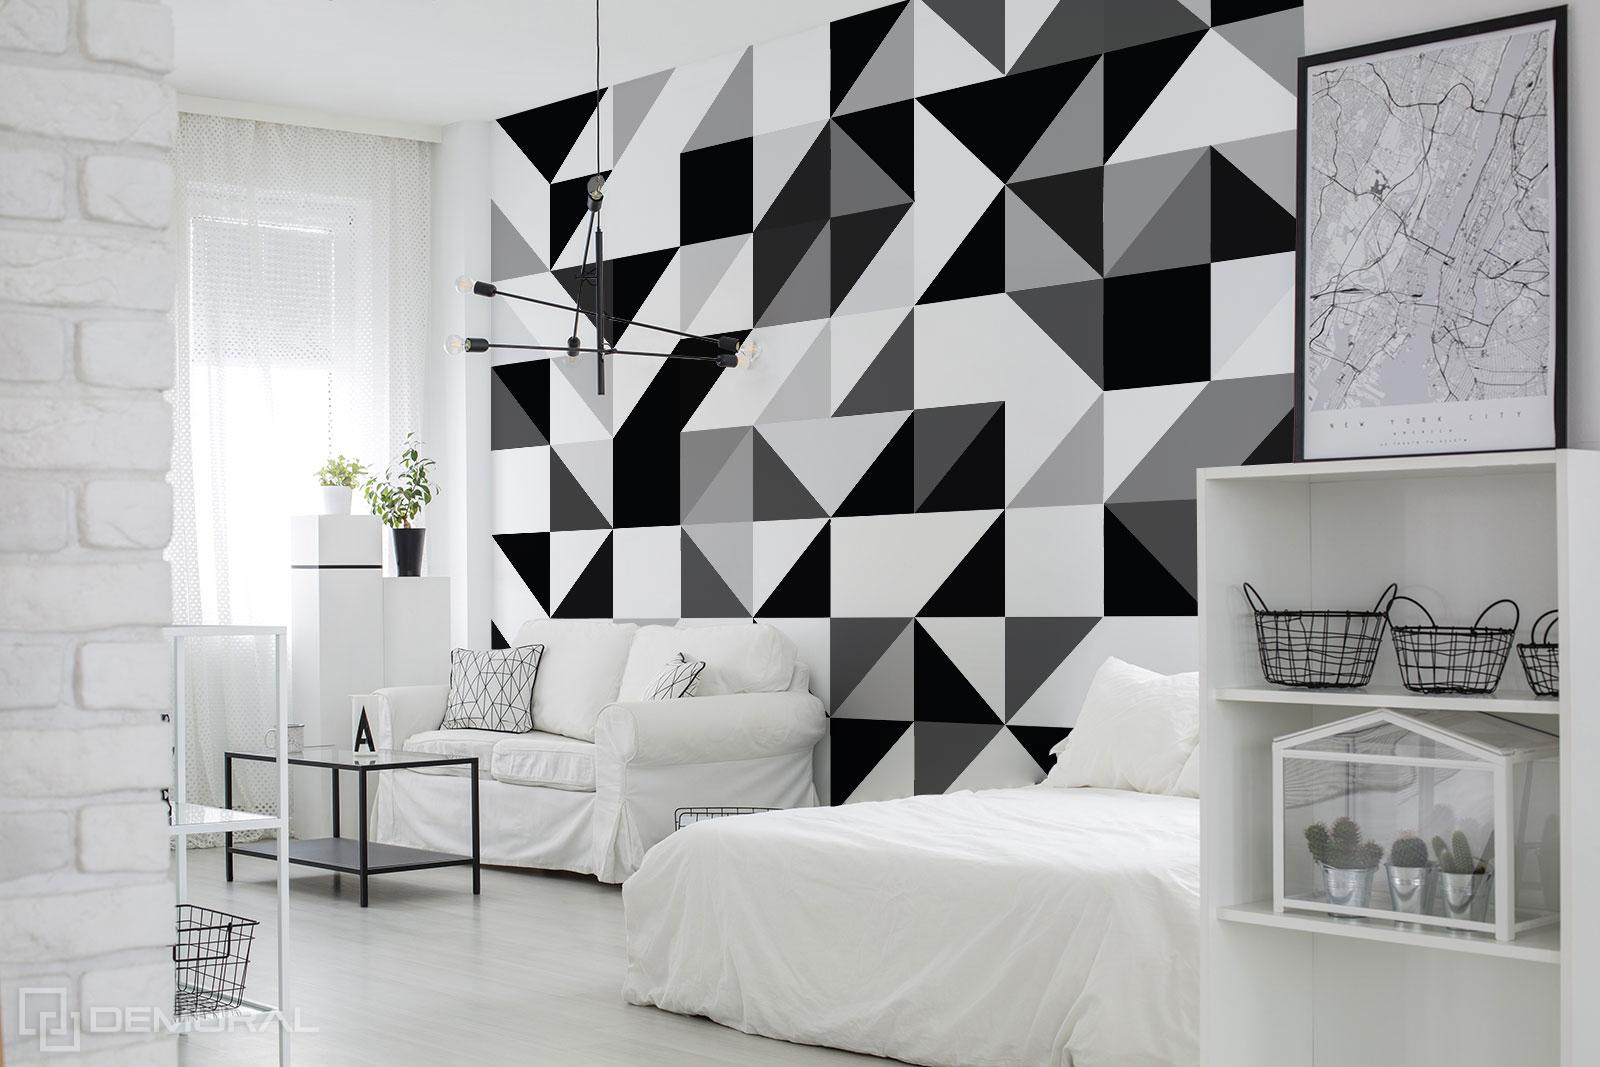 Fototapete Schwarz-Weiß-Formen - geometrisches Fototapete - Demural